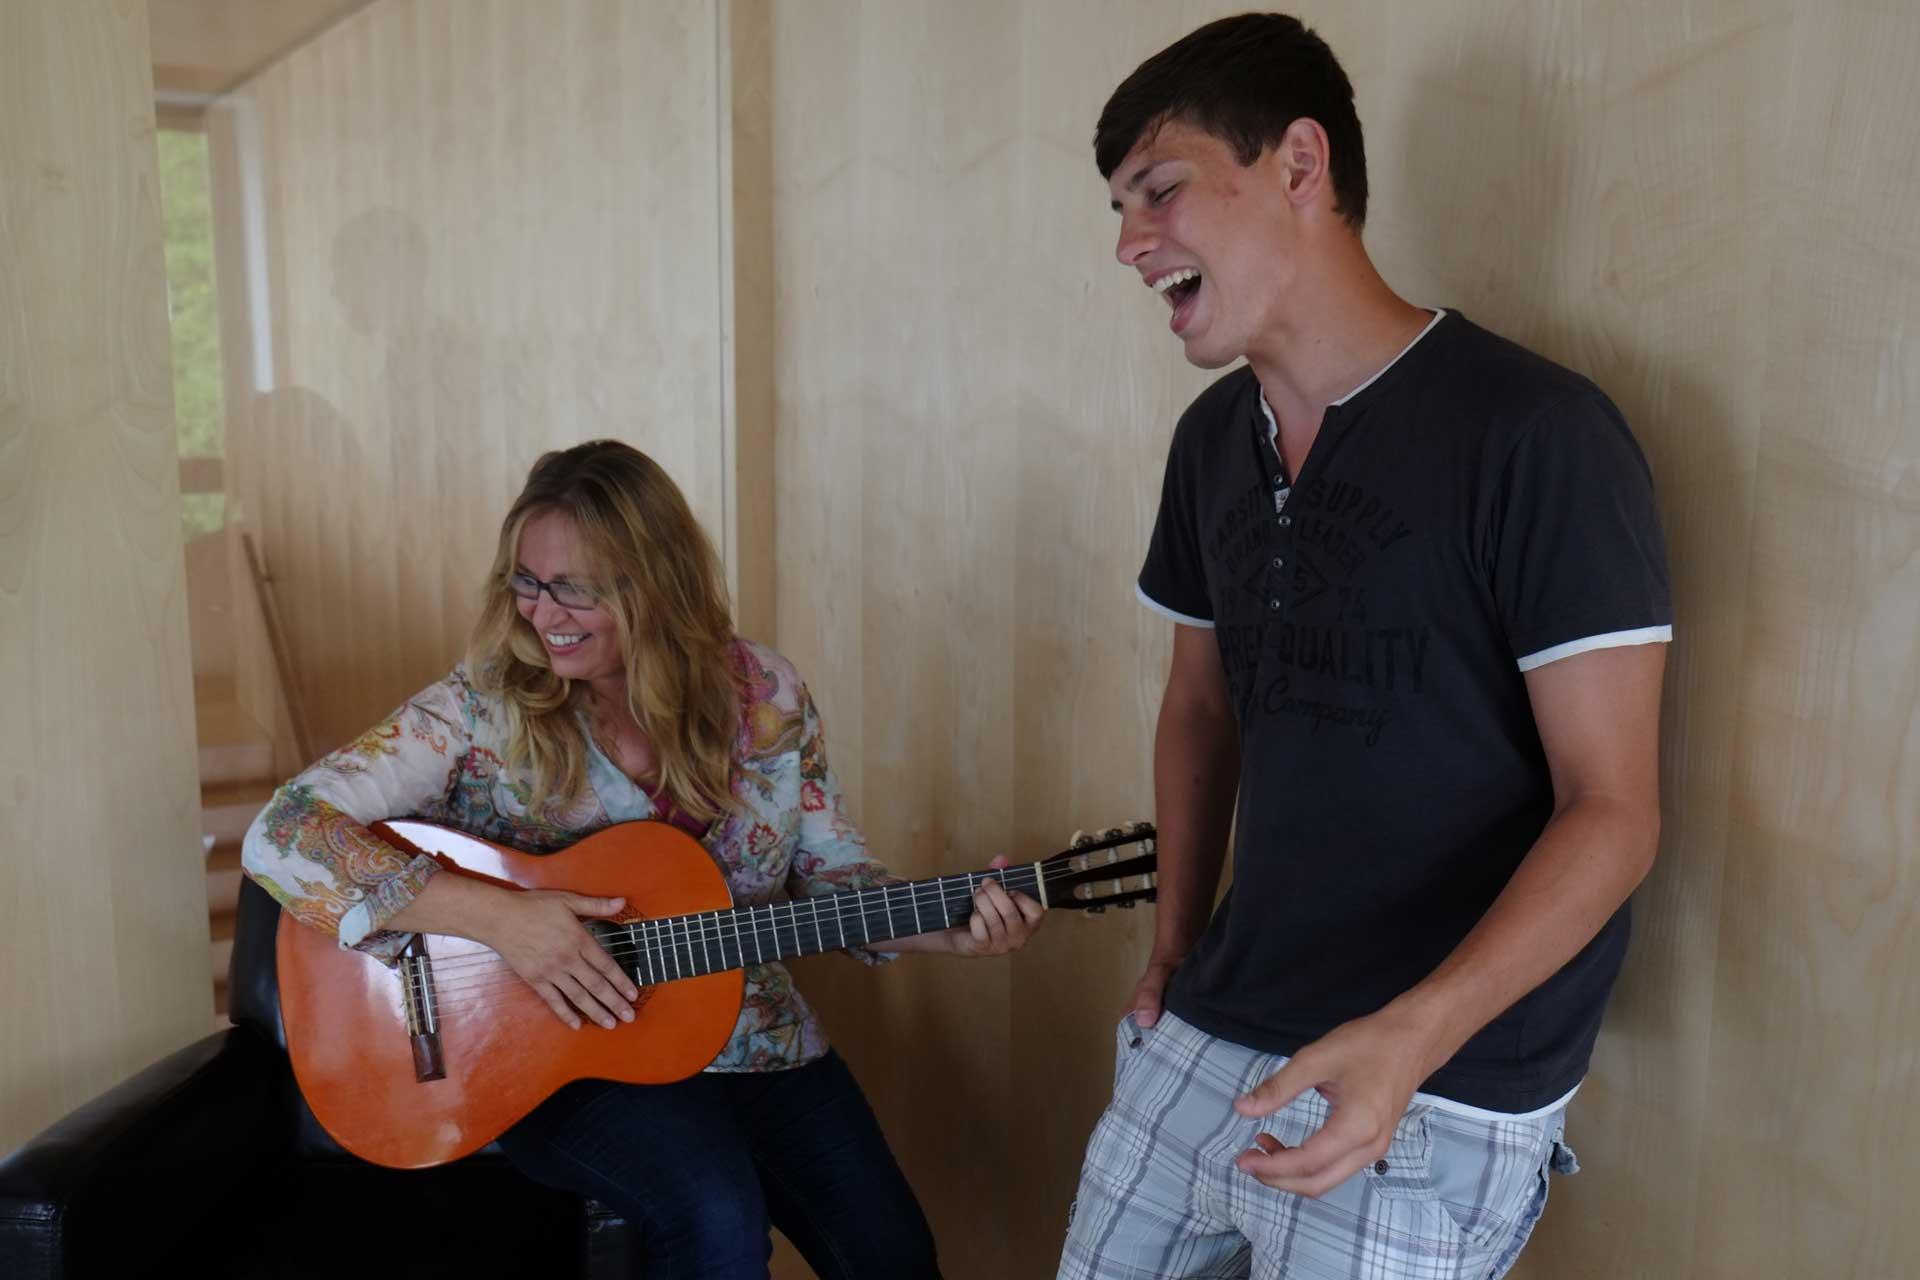 Gesangsschüler 18 - CK Voice Lessons - Gesangsunterricht und Vocalcoaching in Hannover